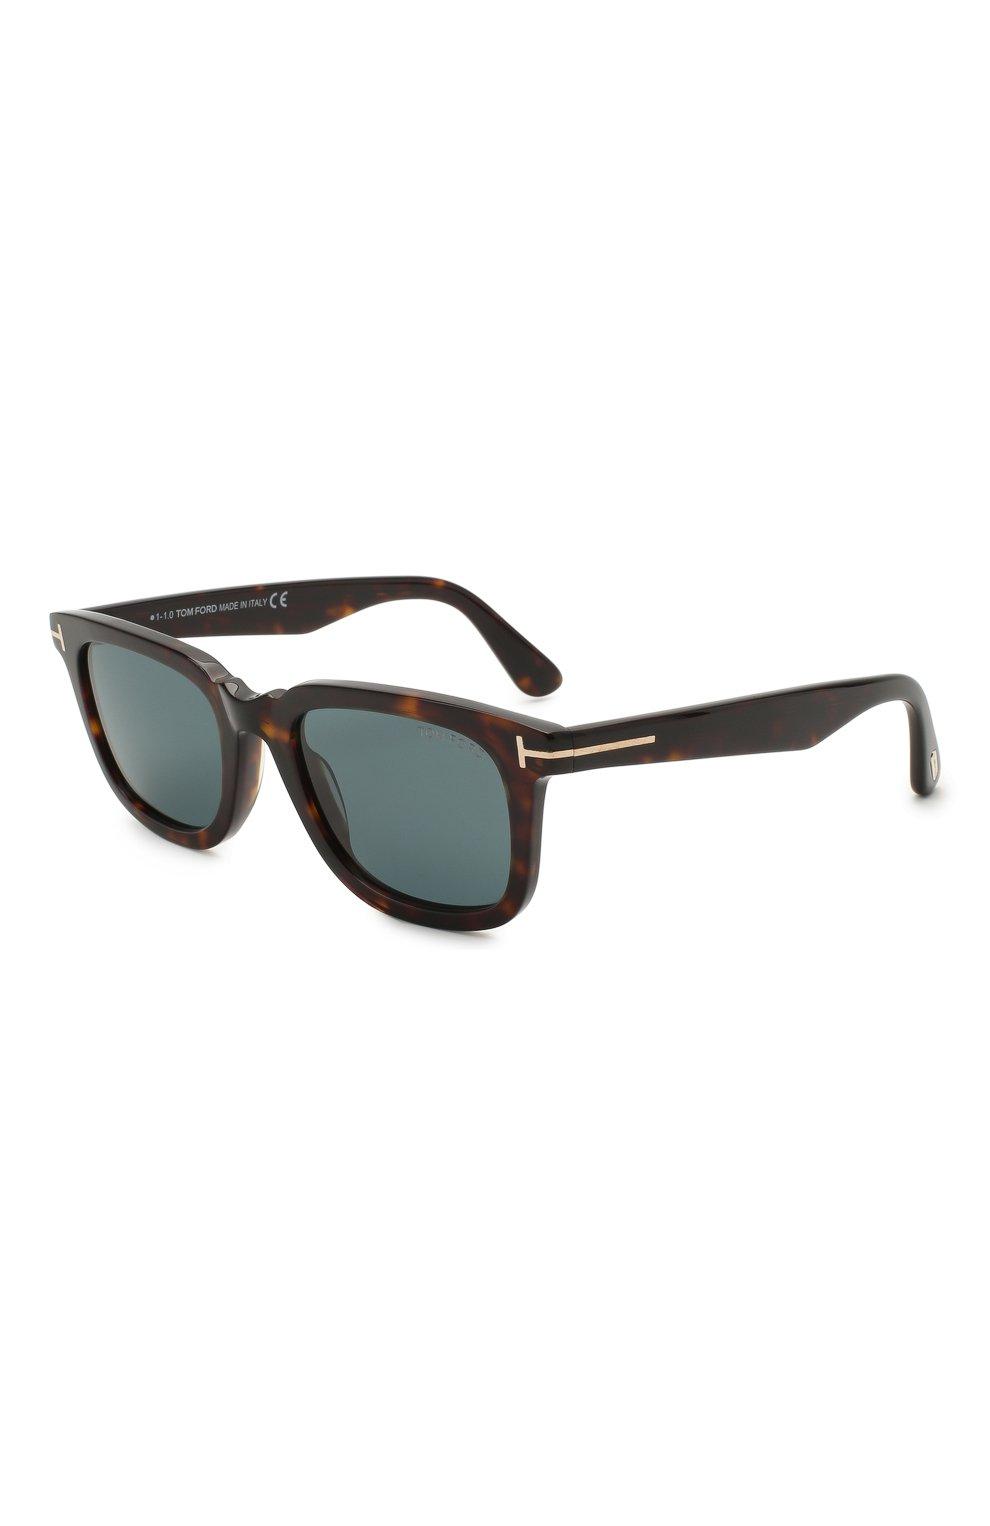 Мужские солнцезащитные очки TOM FORD коричневого цвета, арт. TF817 52V 53 | Фото 1